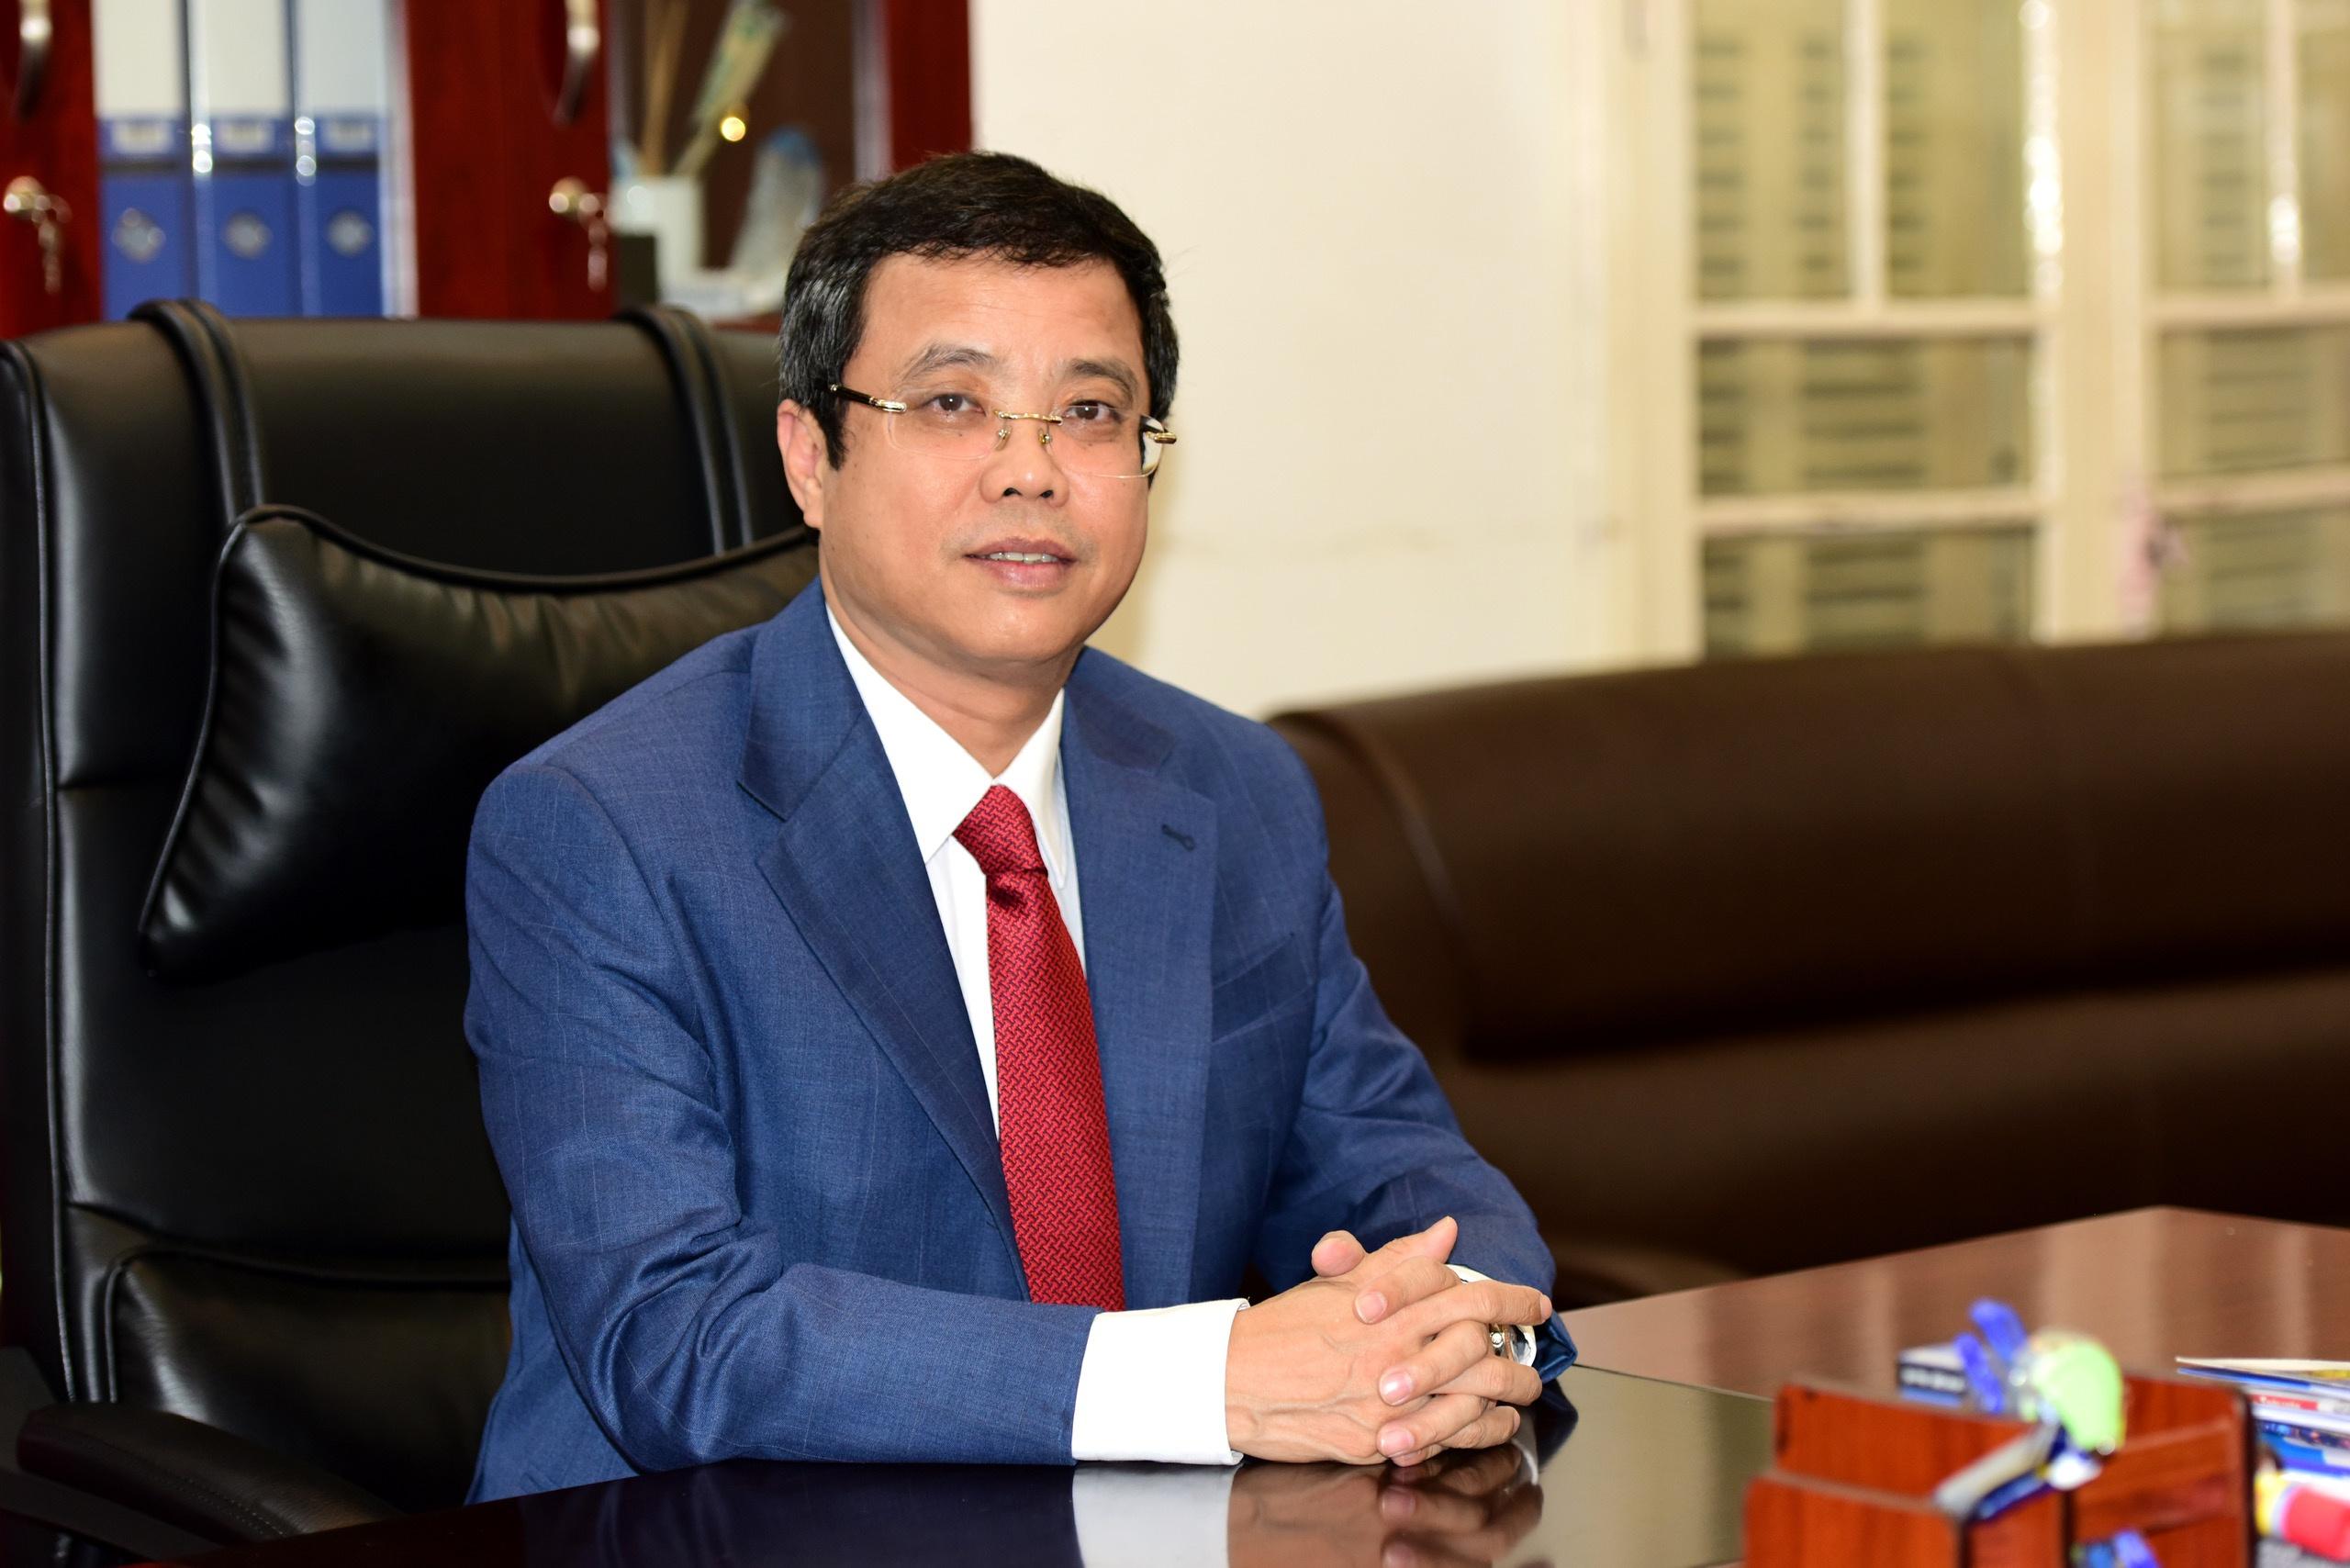 mo cua du lich phu quoc anh 2  - 2_zing - Tổng cục Du lịch: Đã tính việc xử lý sự cố khi đón khách đến Phú Quốc